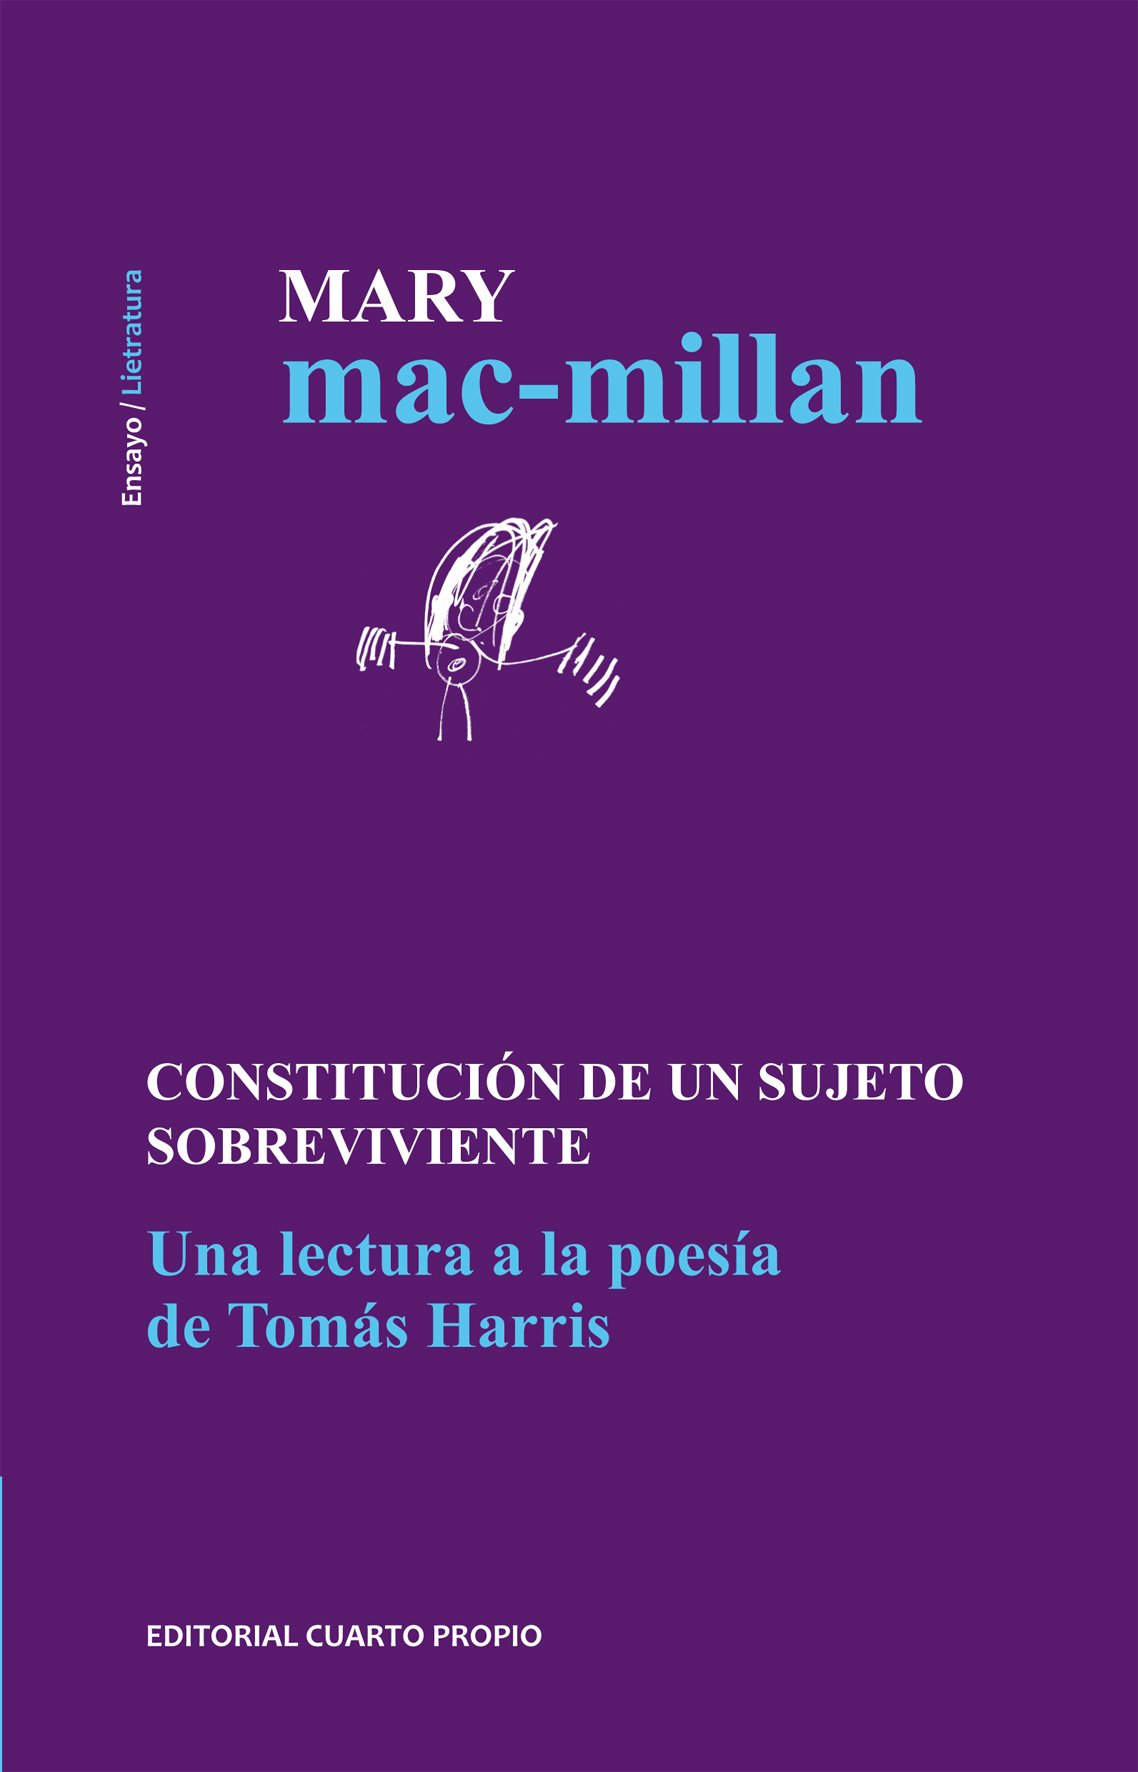 Constitución De Un Sujeto Sobreviviente. Una Lectura a La Poesía De Tomás Harris.: Mary Mac-Millan, Cuarto Propio: 9789562606301: Amazon.com: Books